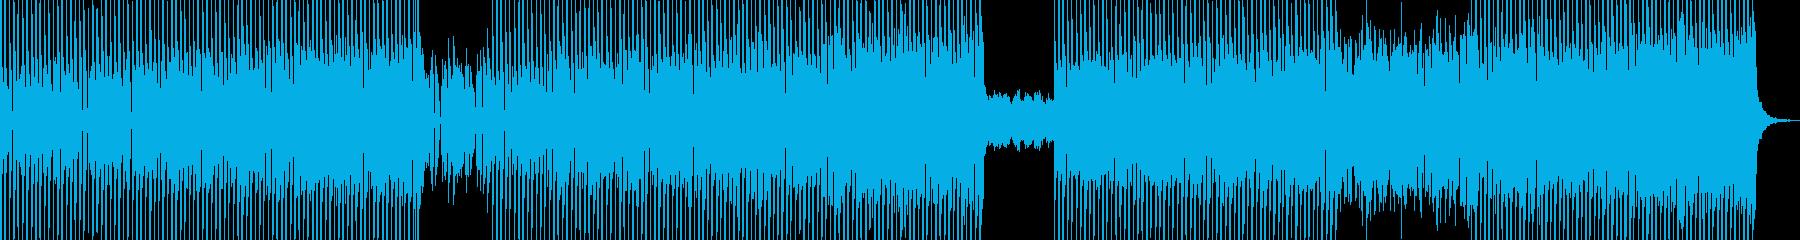 ハウス ダンス プログレッシブ レ...の再生済みの波形